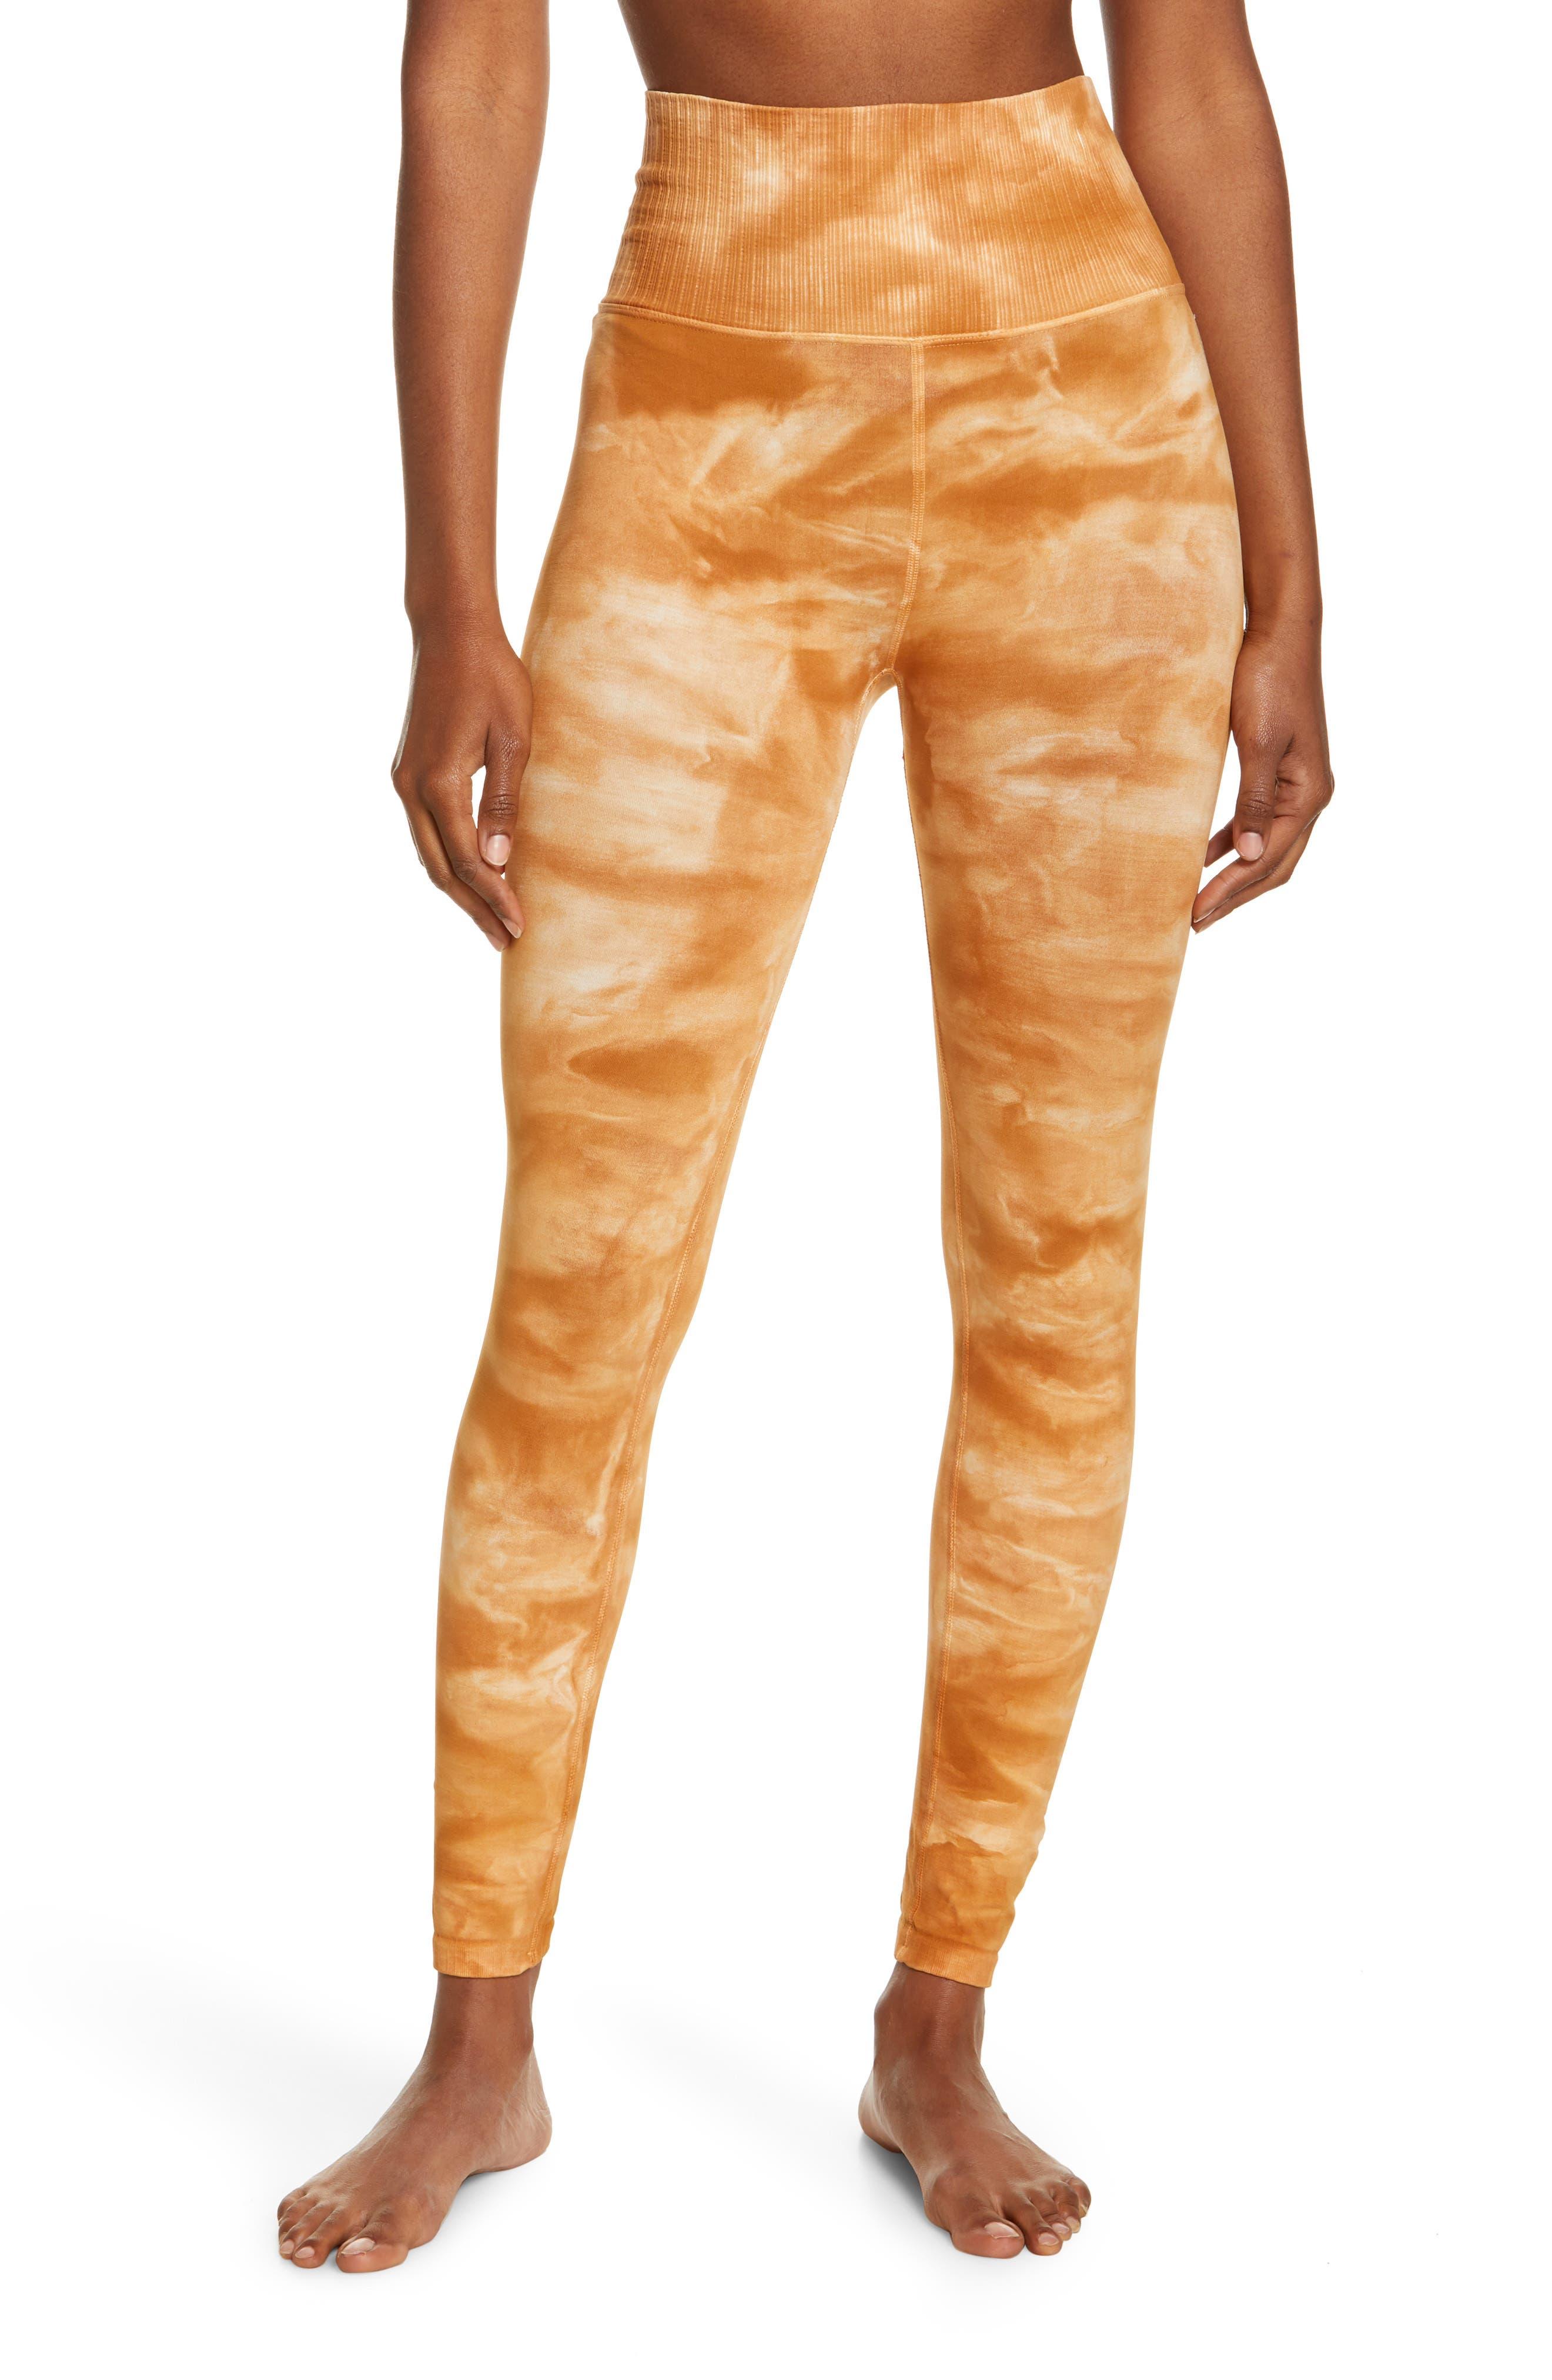 Om Shanti Tie Dye Leggings